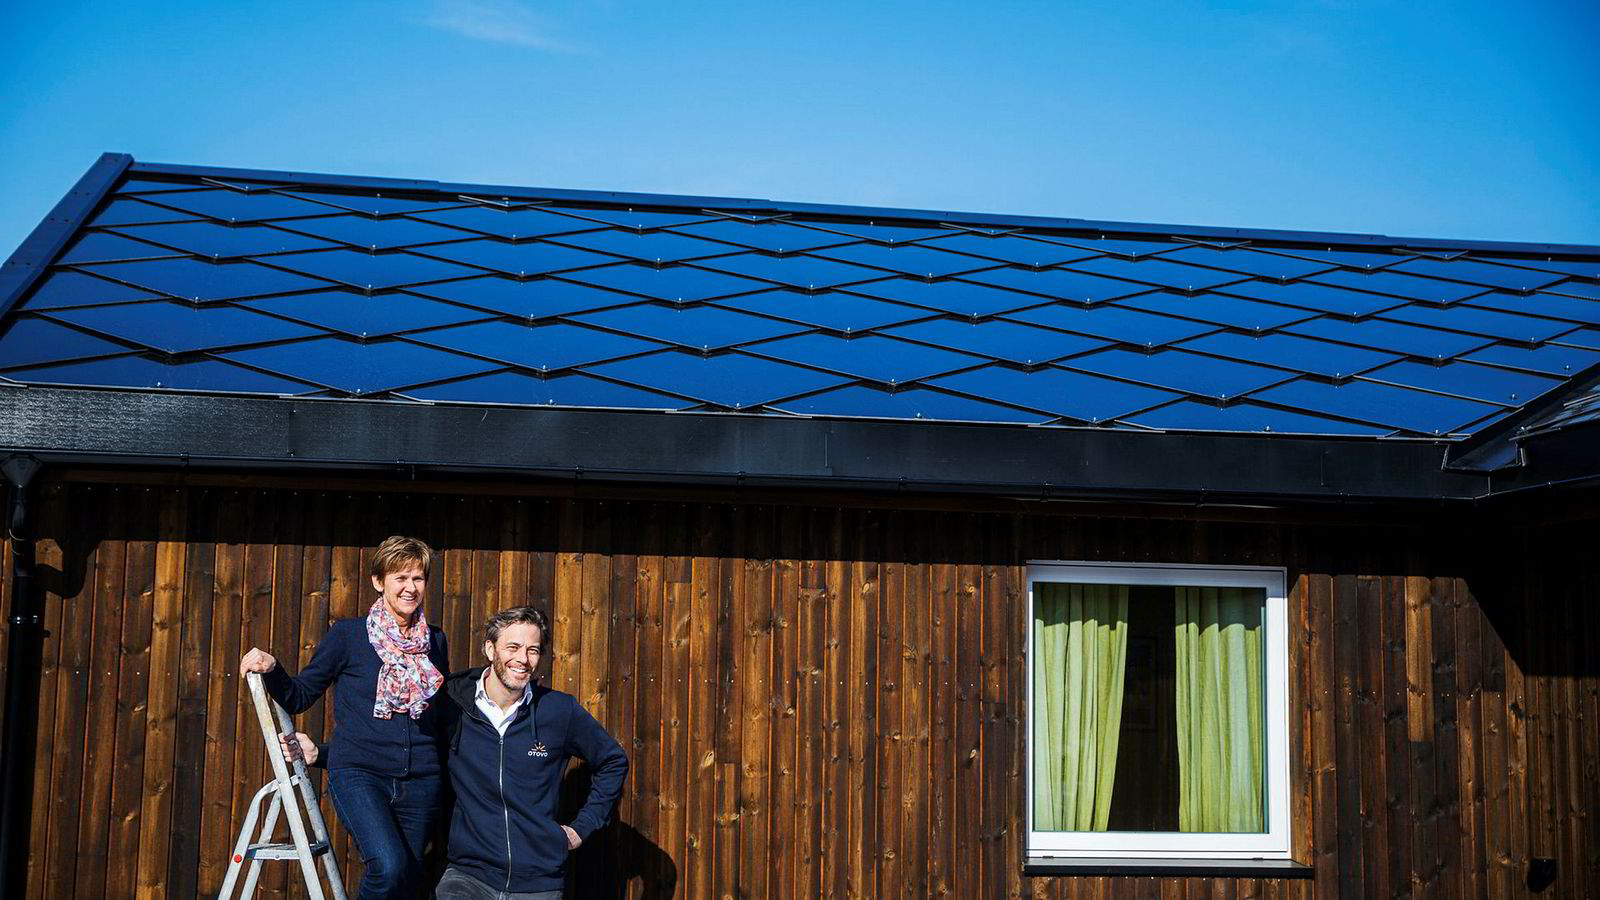 Anne Sønstevold og mannen regner ikke med å tjene inn investeringen i solcelletaksten, som er langt dyrere enn paneler. Men hun koser seg med å følge produksjonen av lokal kraft på appen fra Andreas Thorsheims Otovo.